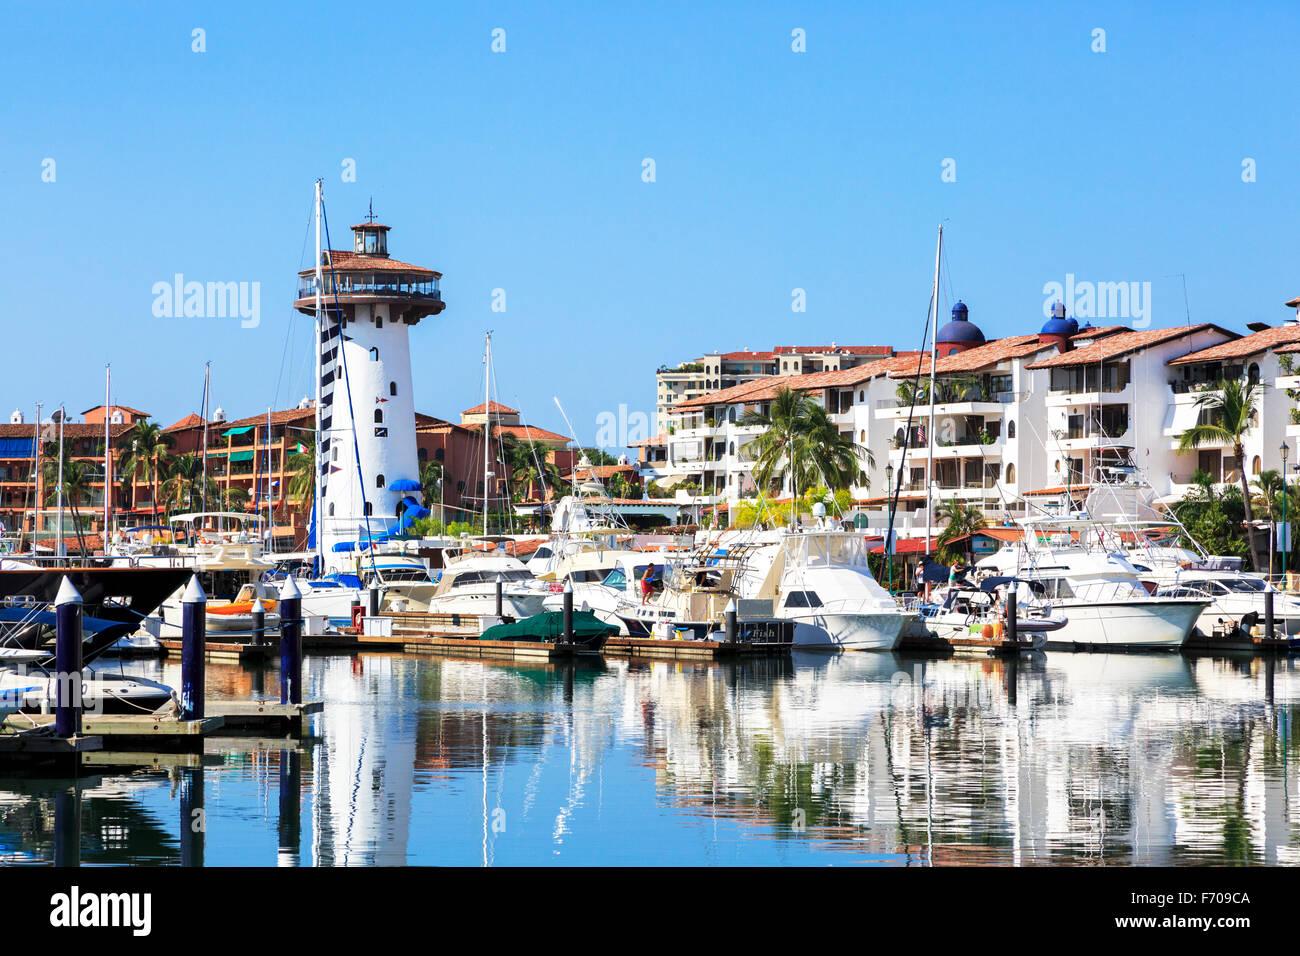 Marina at Puerto Vallarta, Mexico - Stock Image